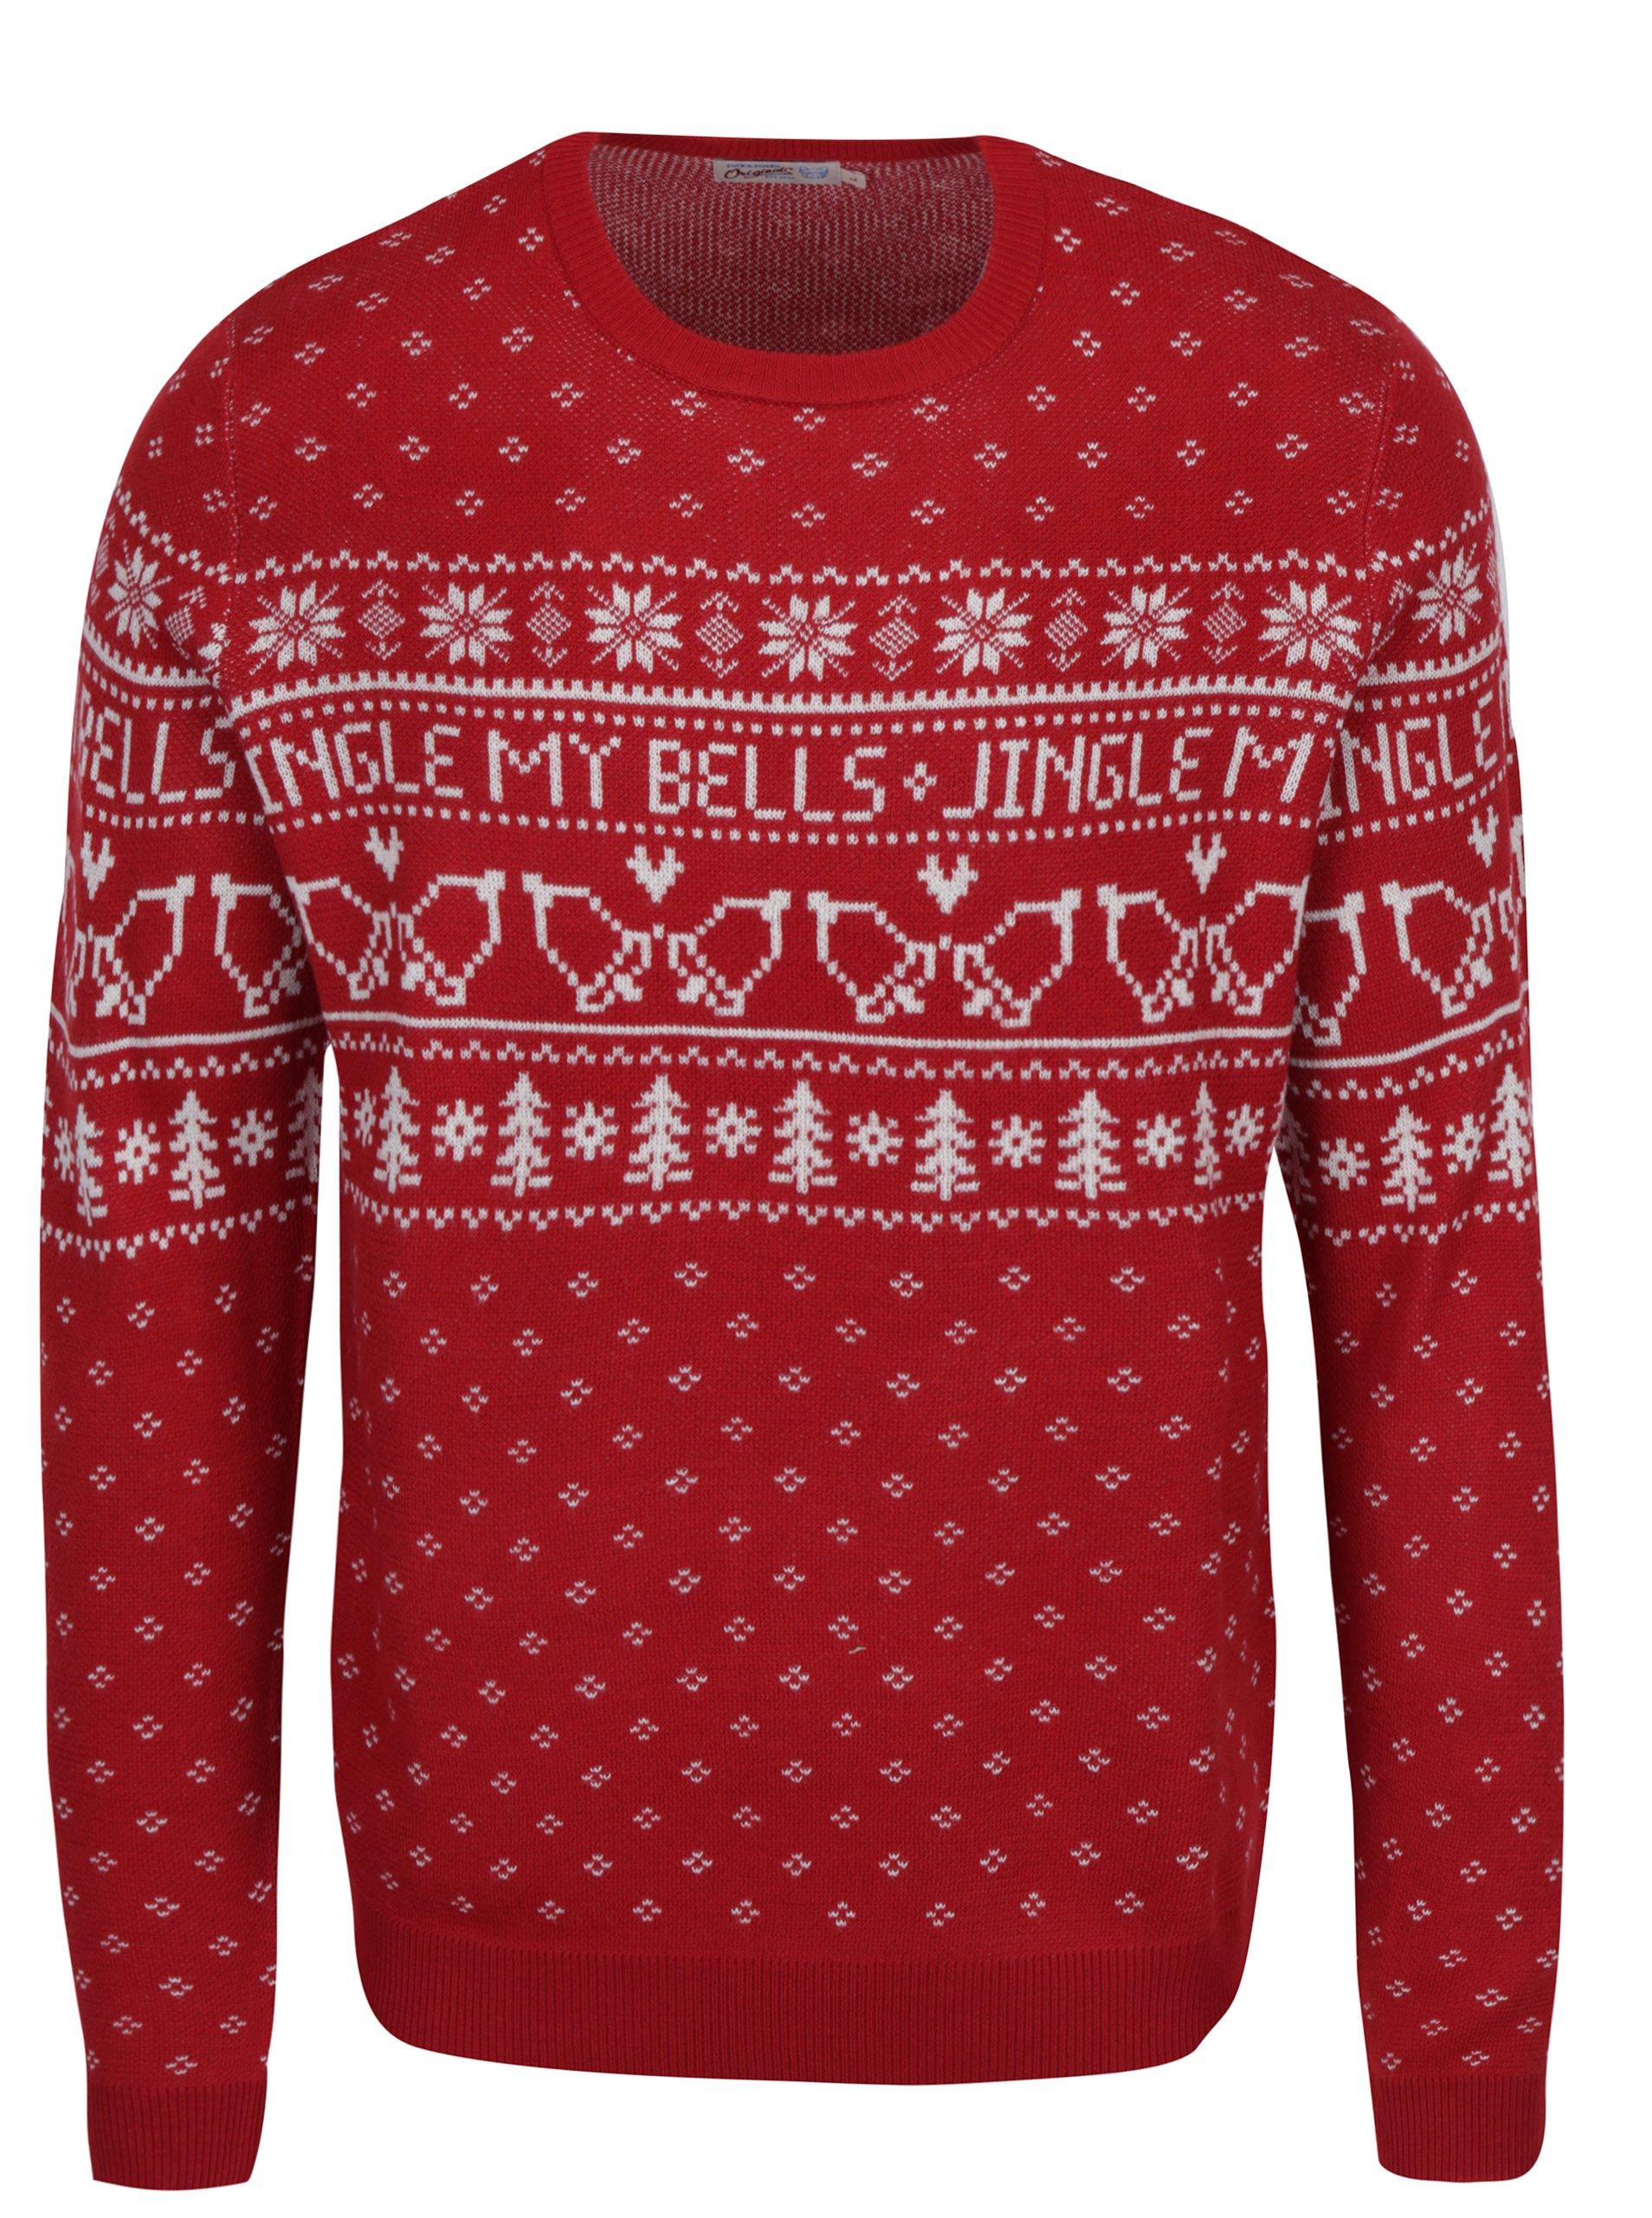 Červený svetr s vánočním motivem Jack & Jones Originals Stag Knit